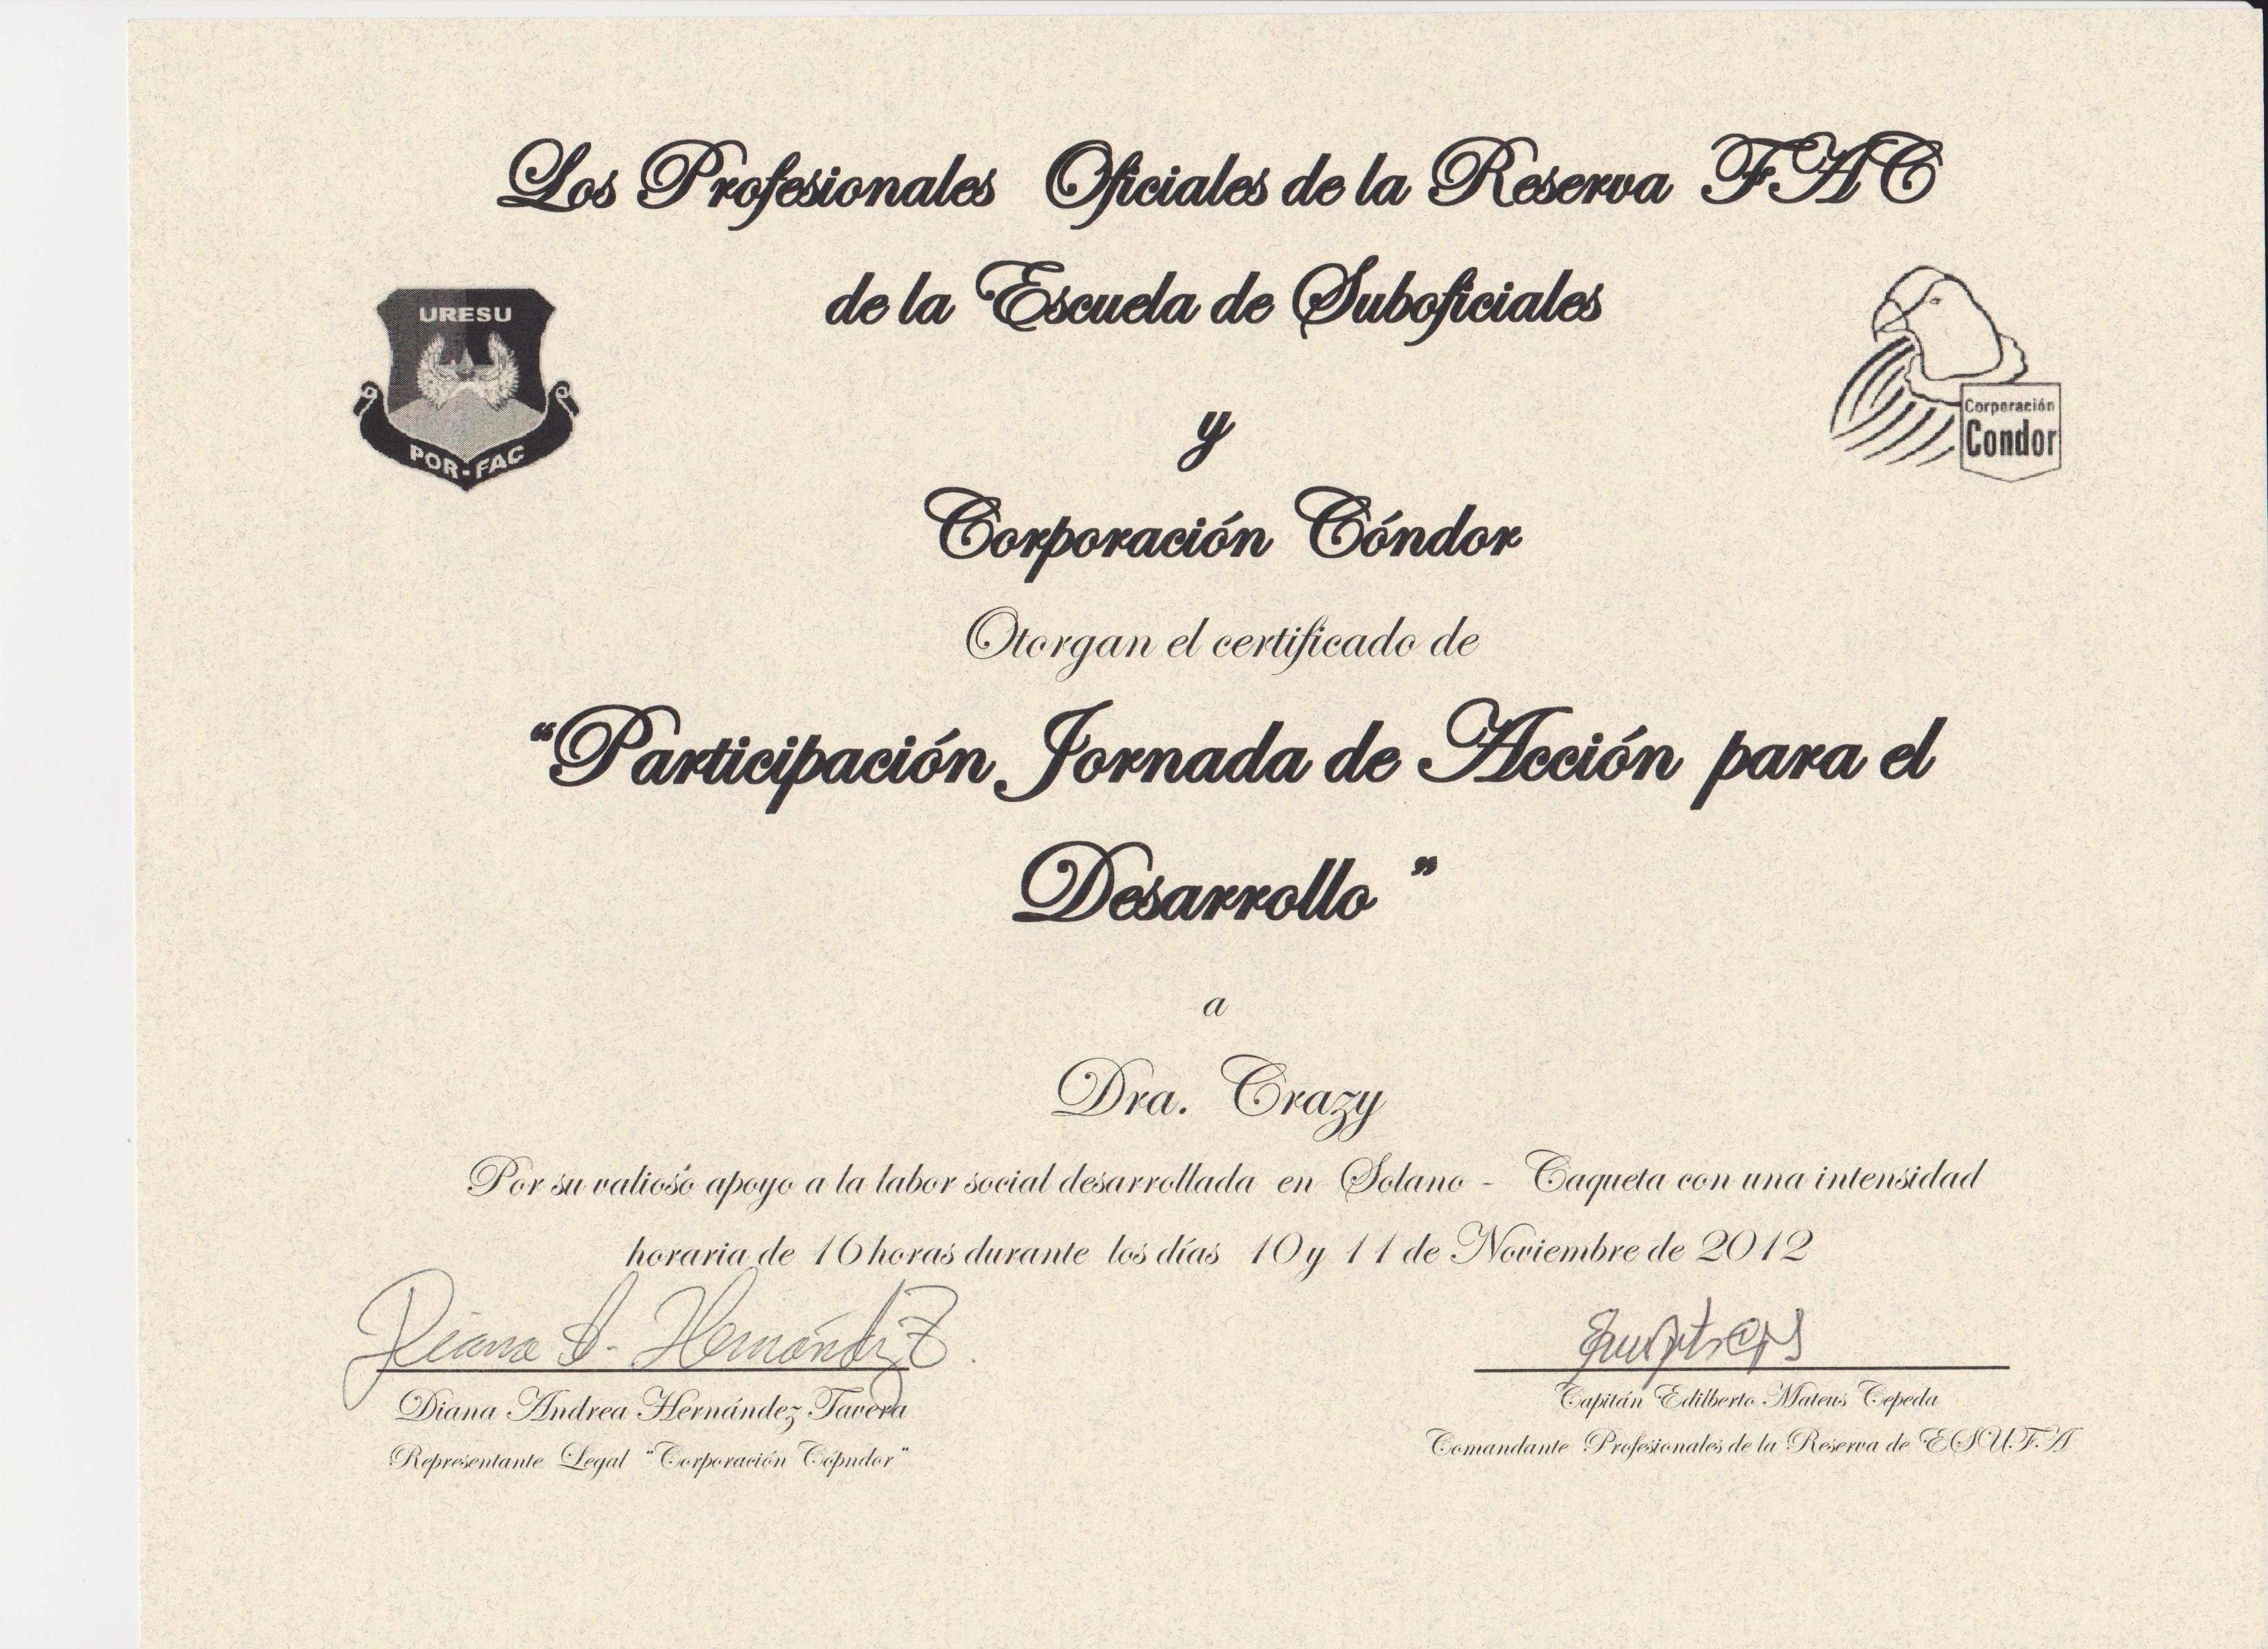 Certificado De Agradecimiento Y Apreciacion Awesome Certificado De Agradecimiento Y Apreciacion